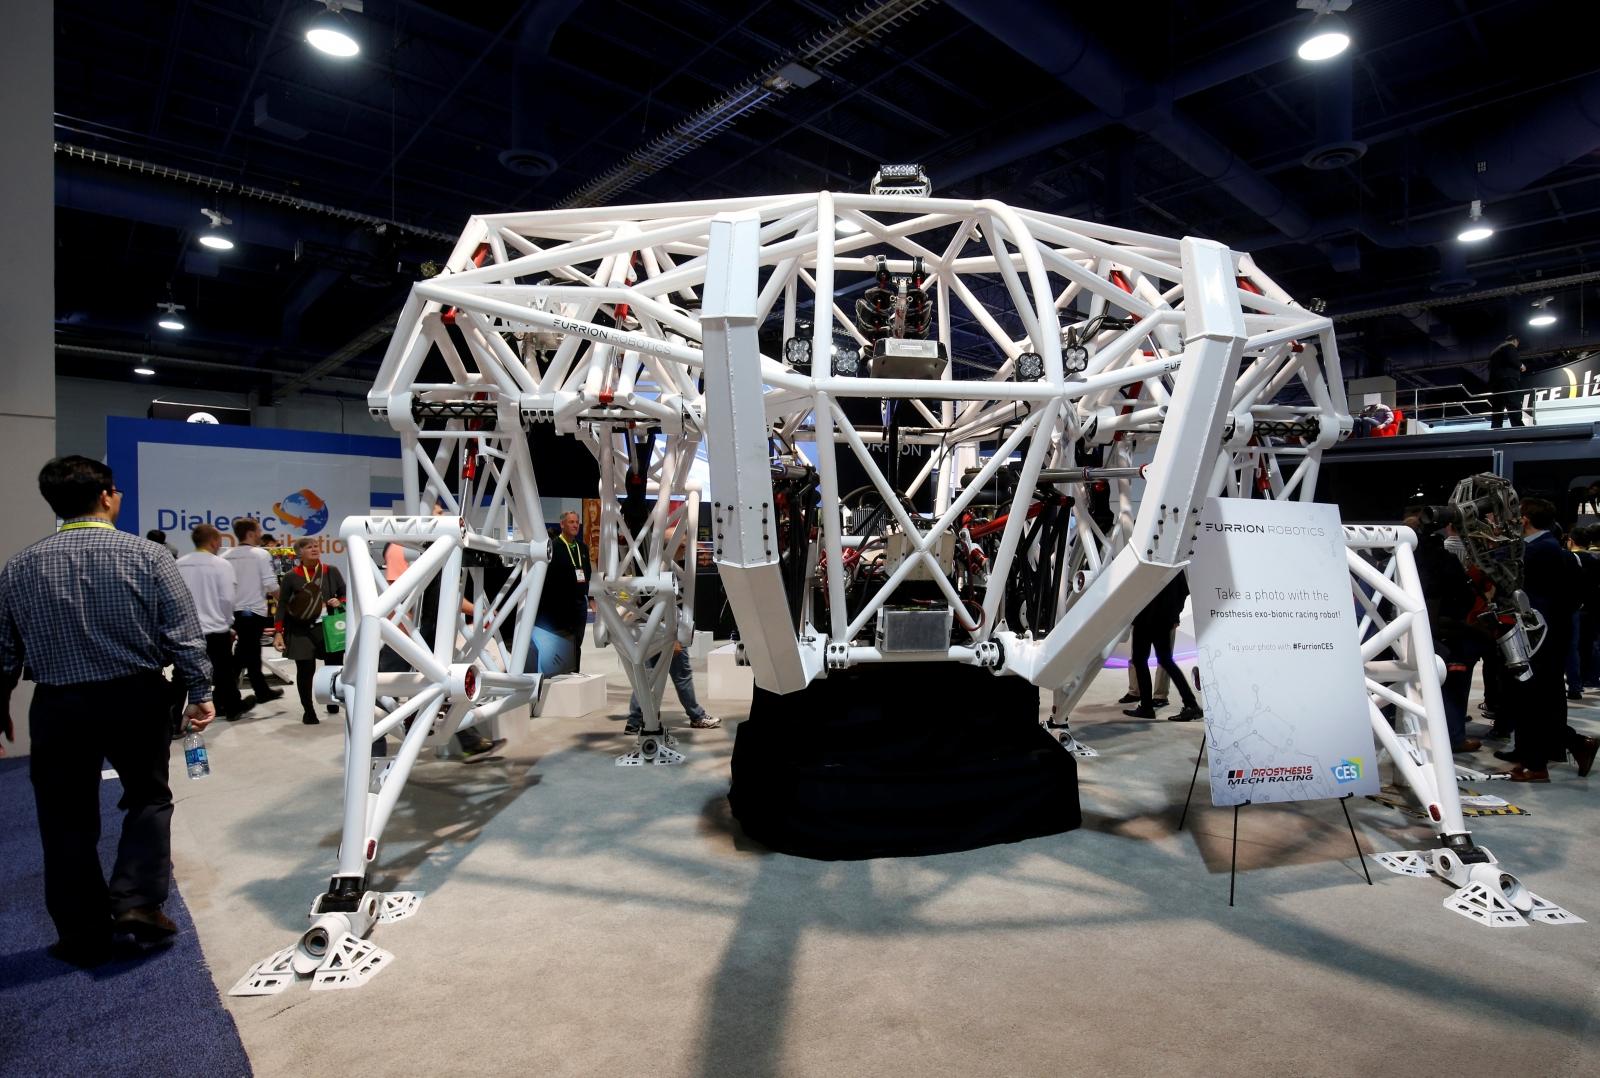 Prosthesis robotic exoskeleton